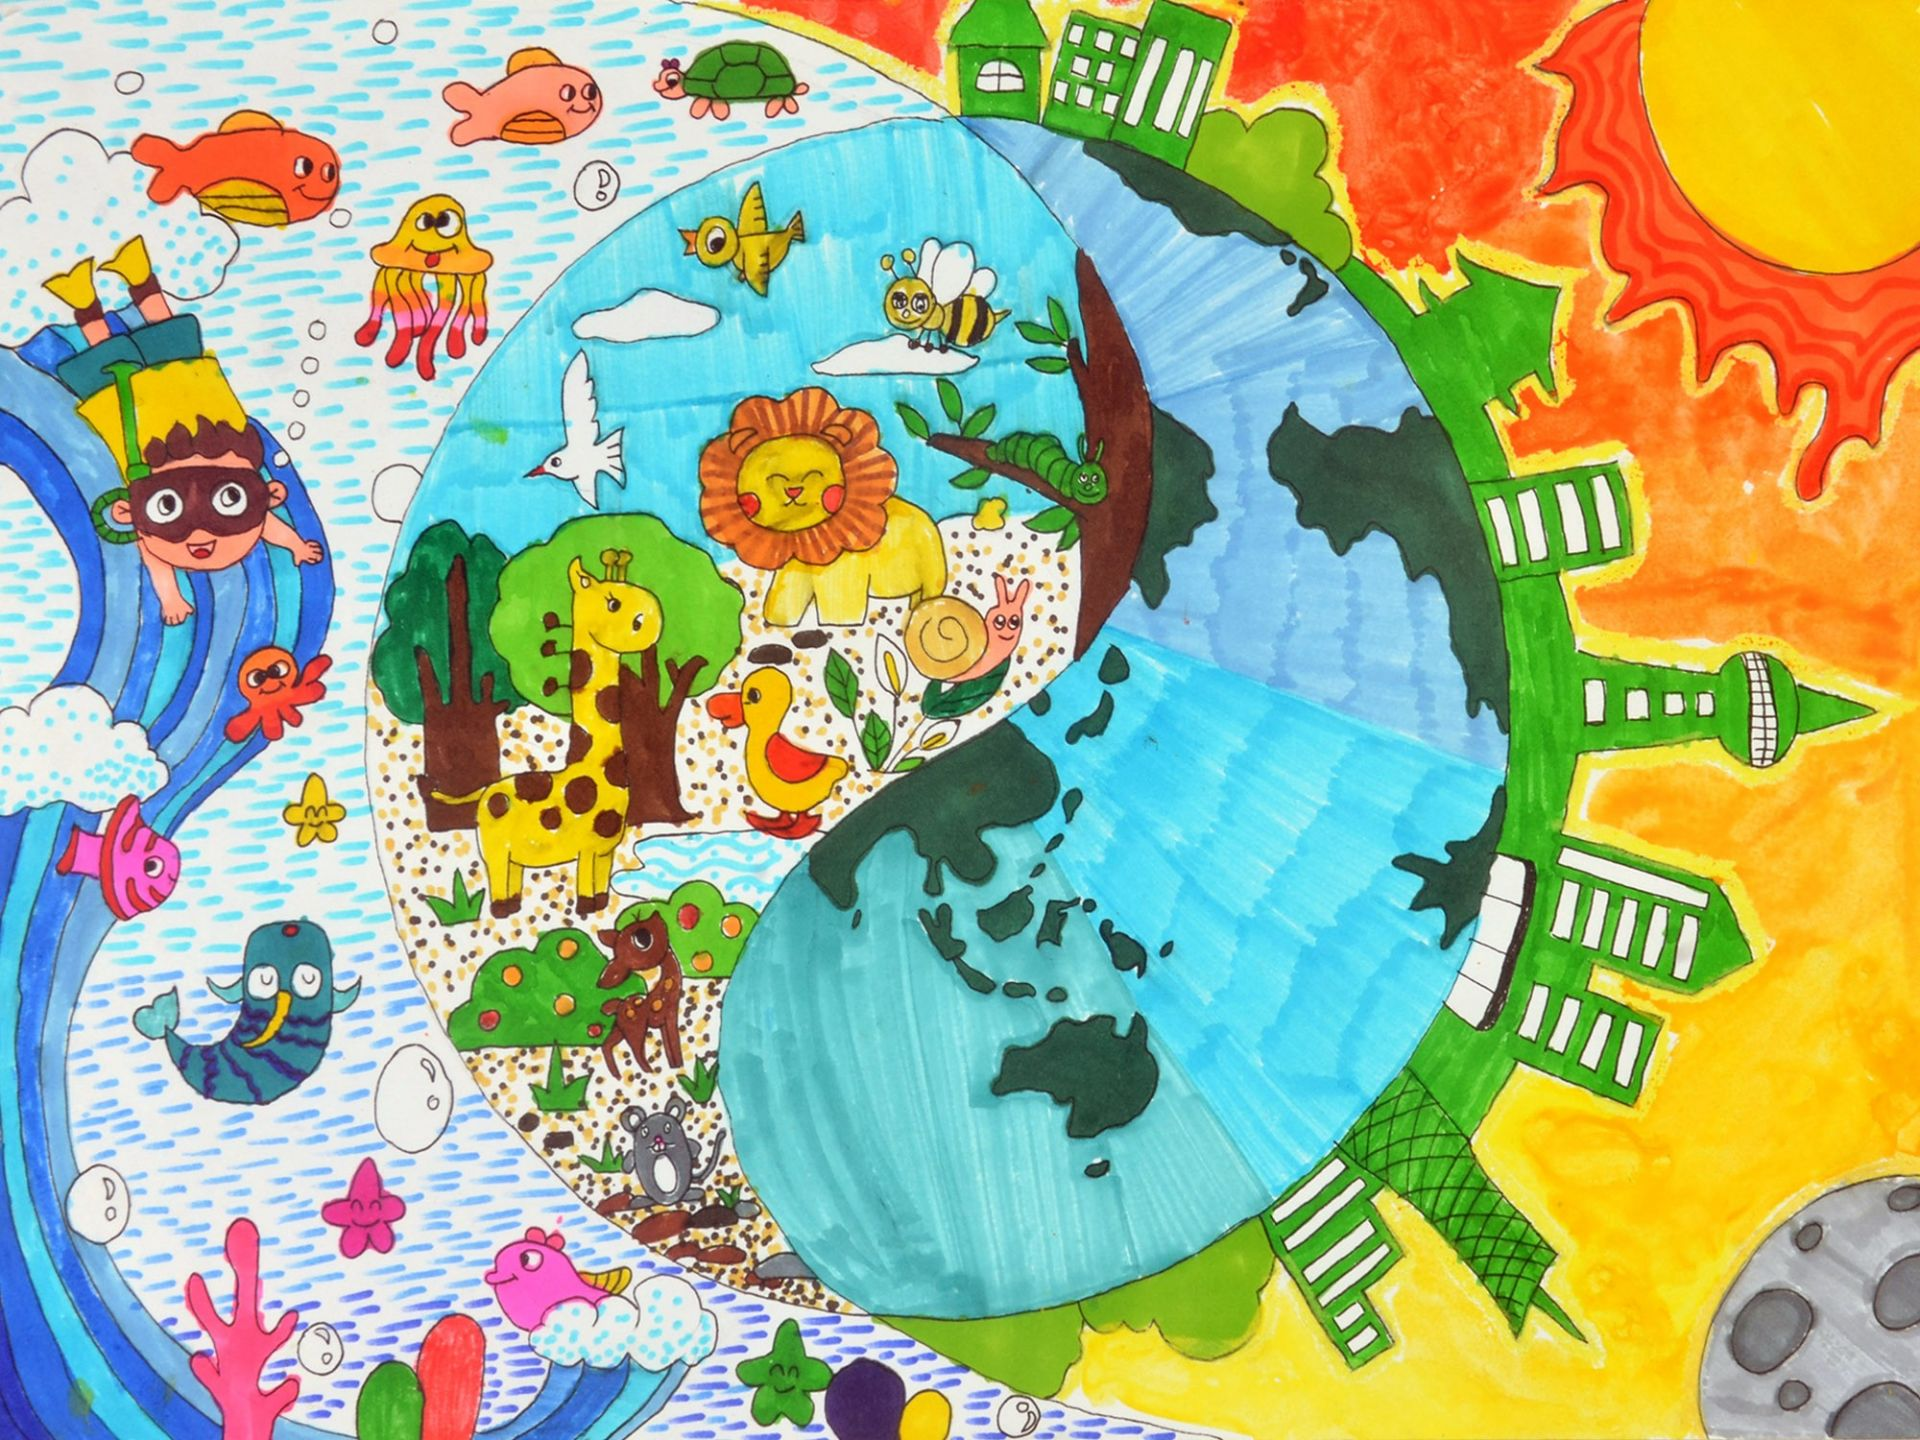 我是自然创想家|生物多样性大型雕塑主题彩绘公益活动优秀作品线上展·小画家系列(八)